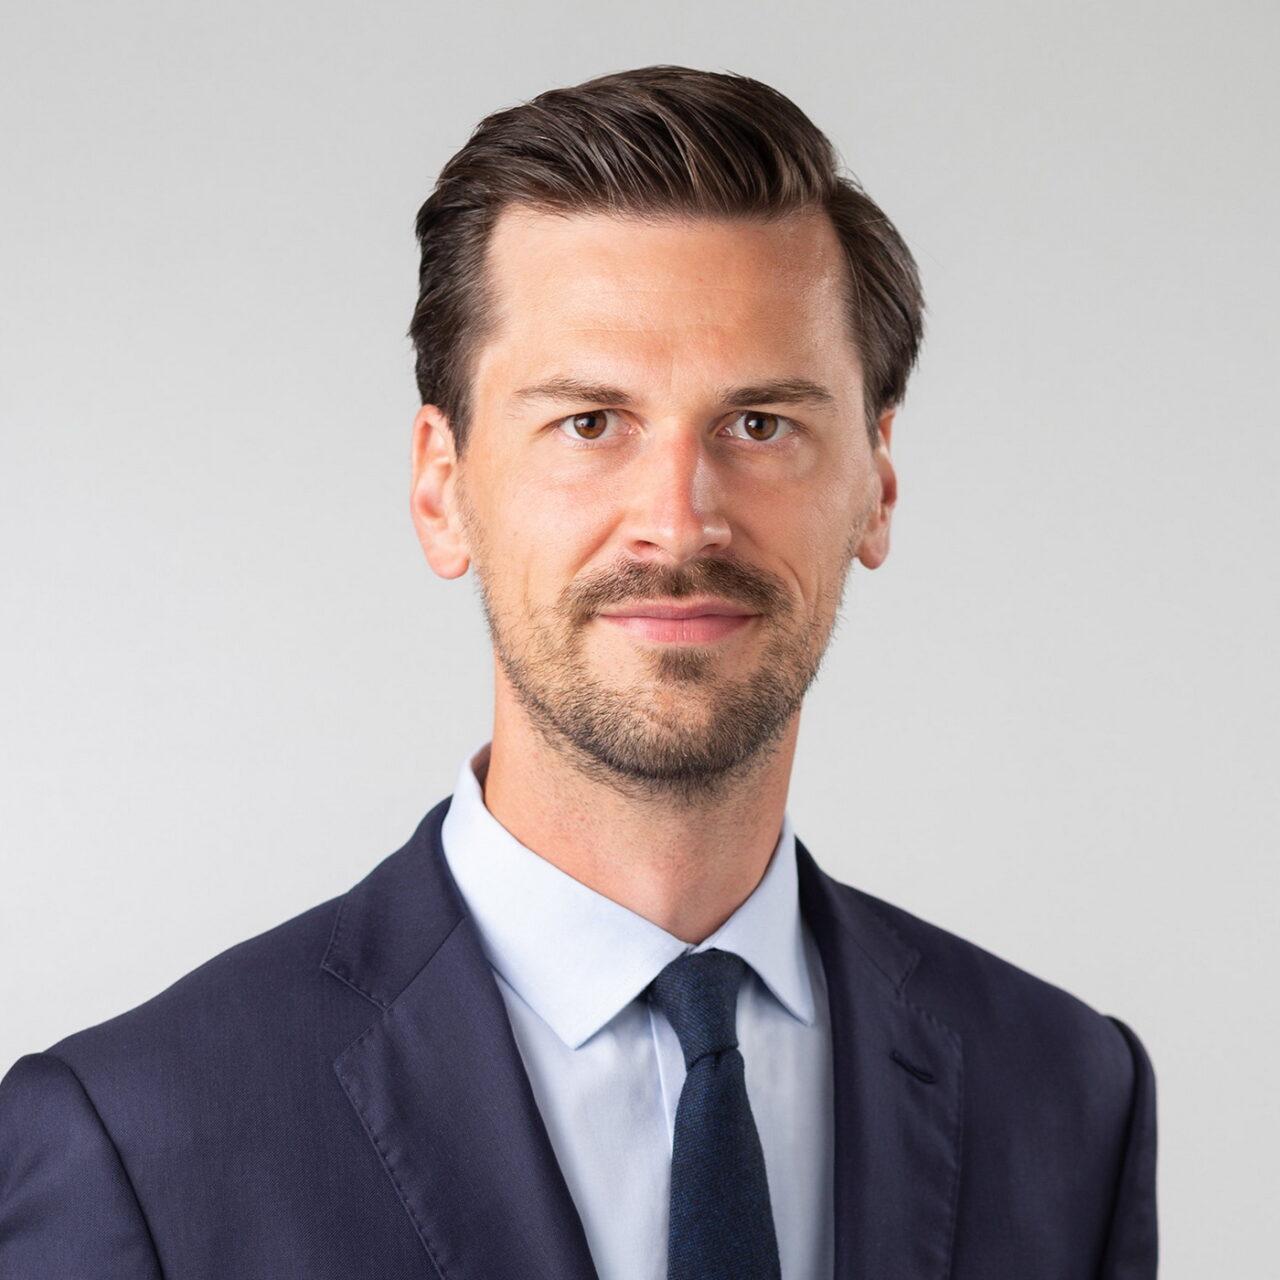 Maximilian Schneidler soll Insti-Geschäft bei LUWIN ankurbeln